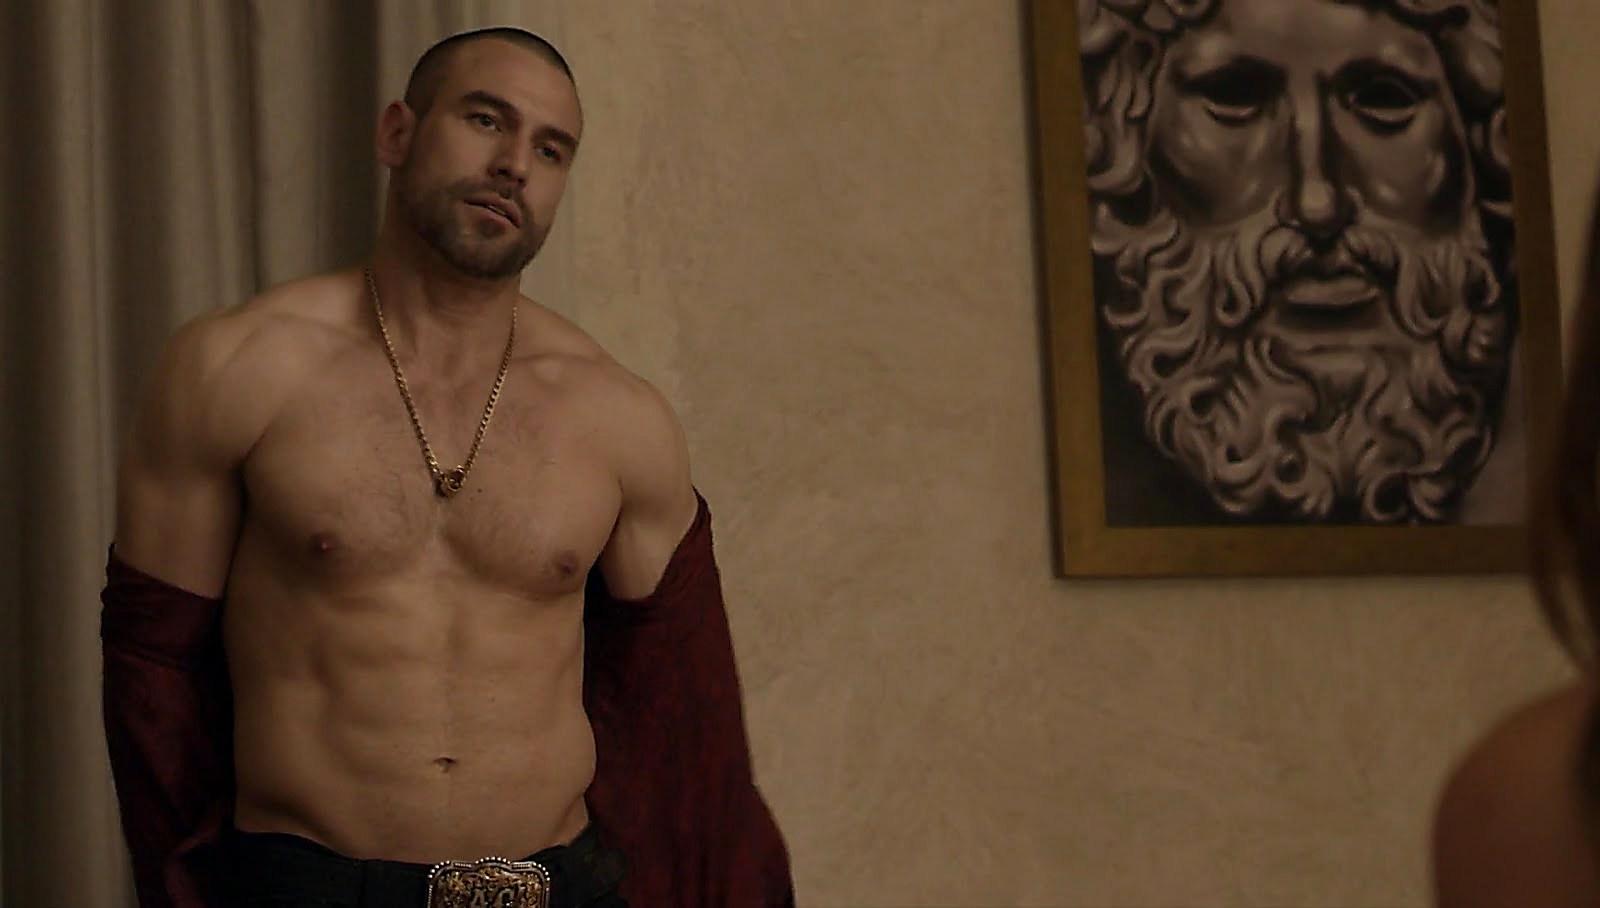 Rafael Amaya sexy shirtless scene July 3, 2018, 11am